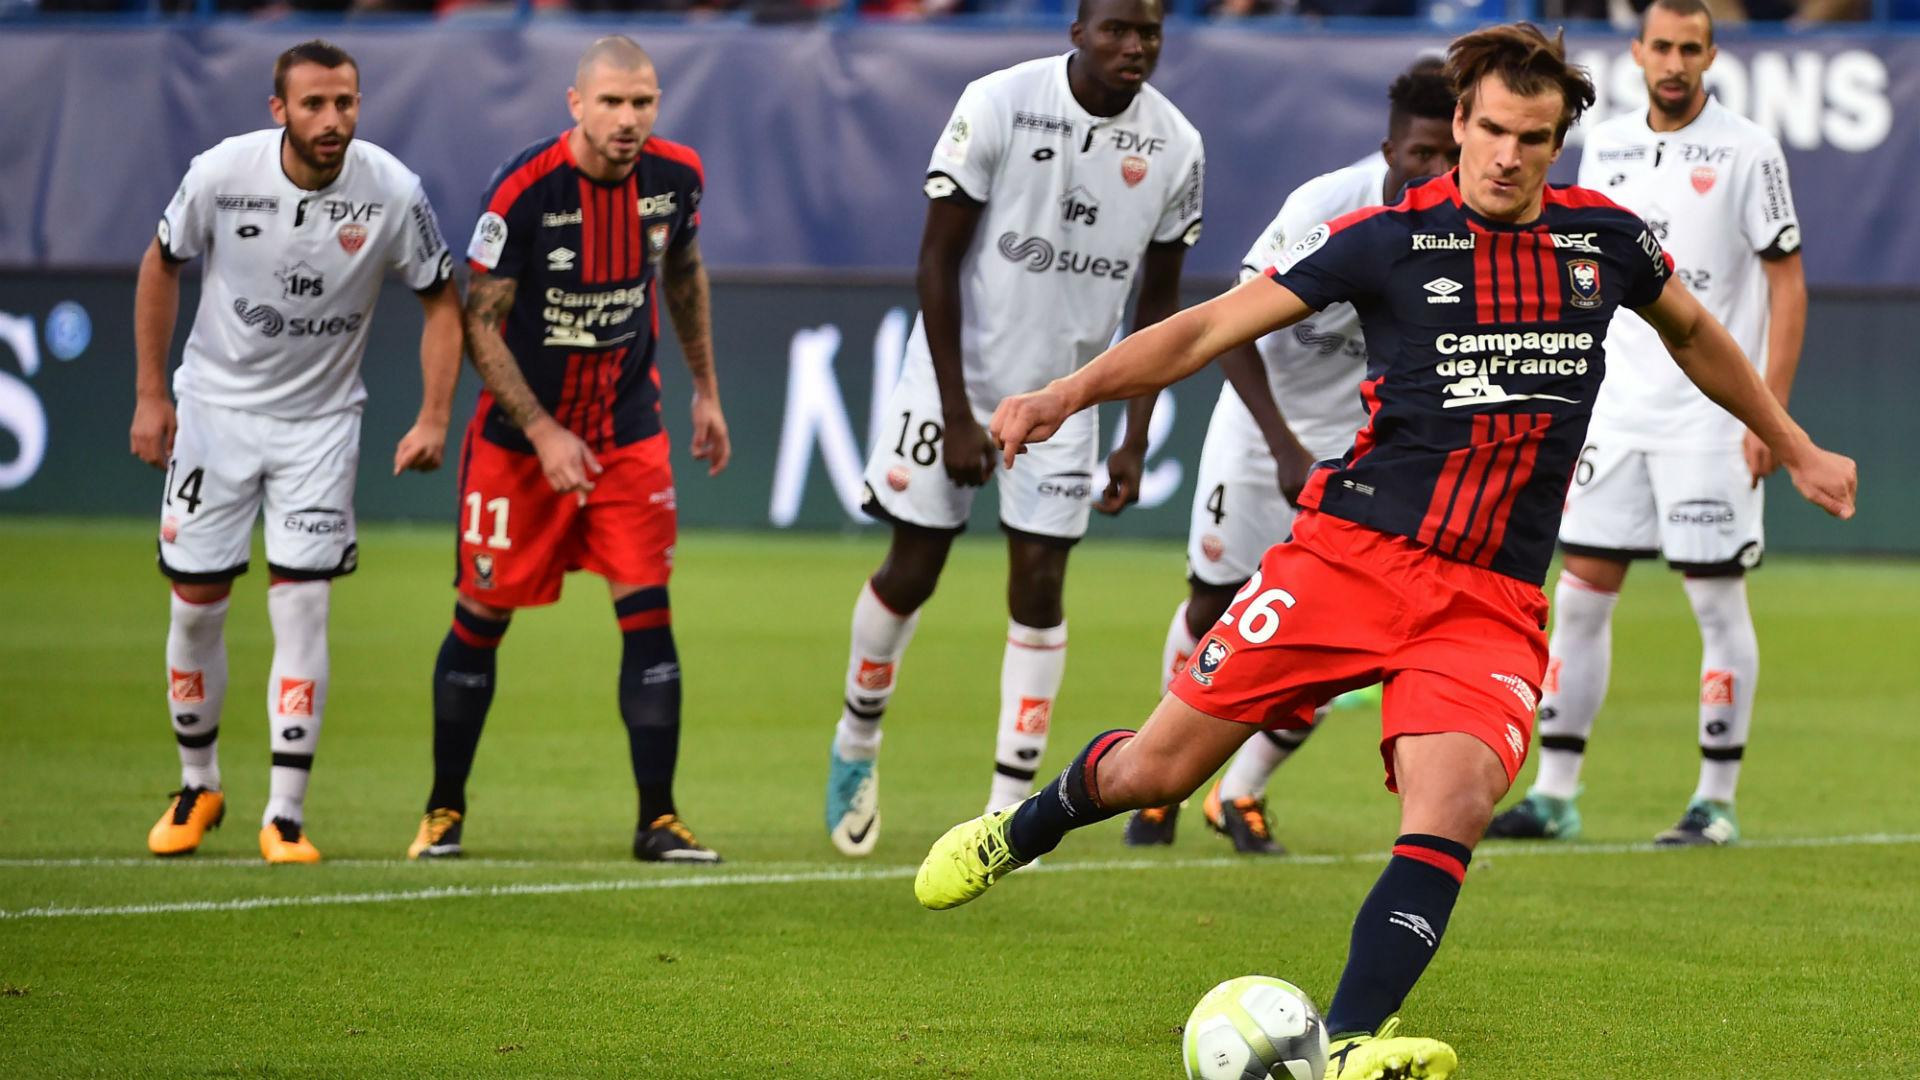 DIRECT - Le SM Caen avec Jan Repas d'entrée face à Dijon